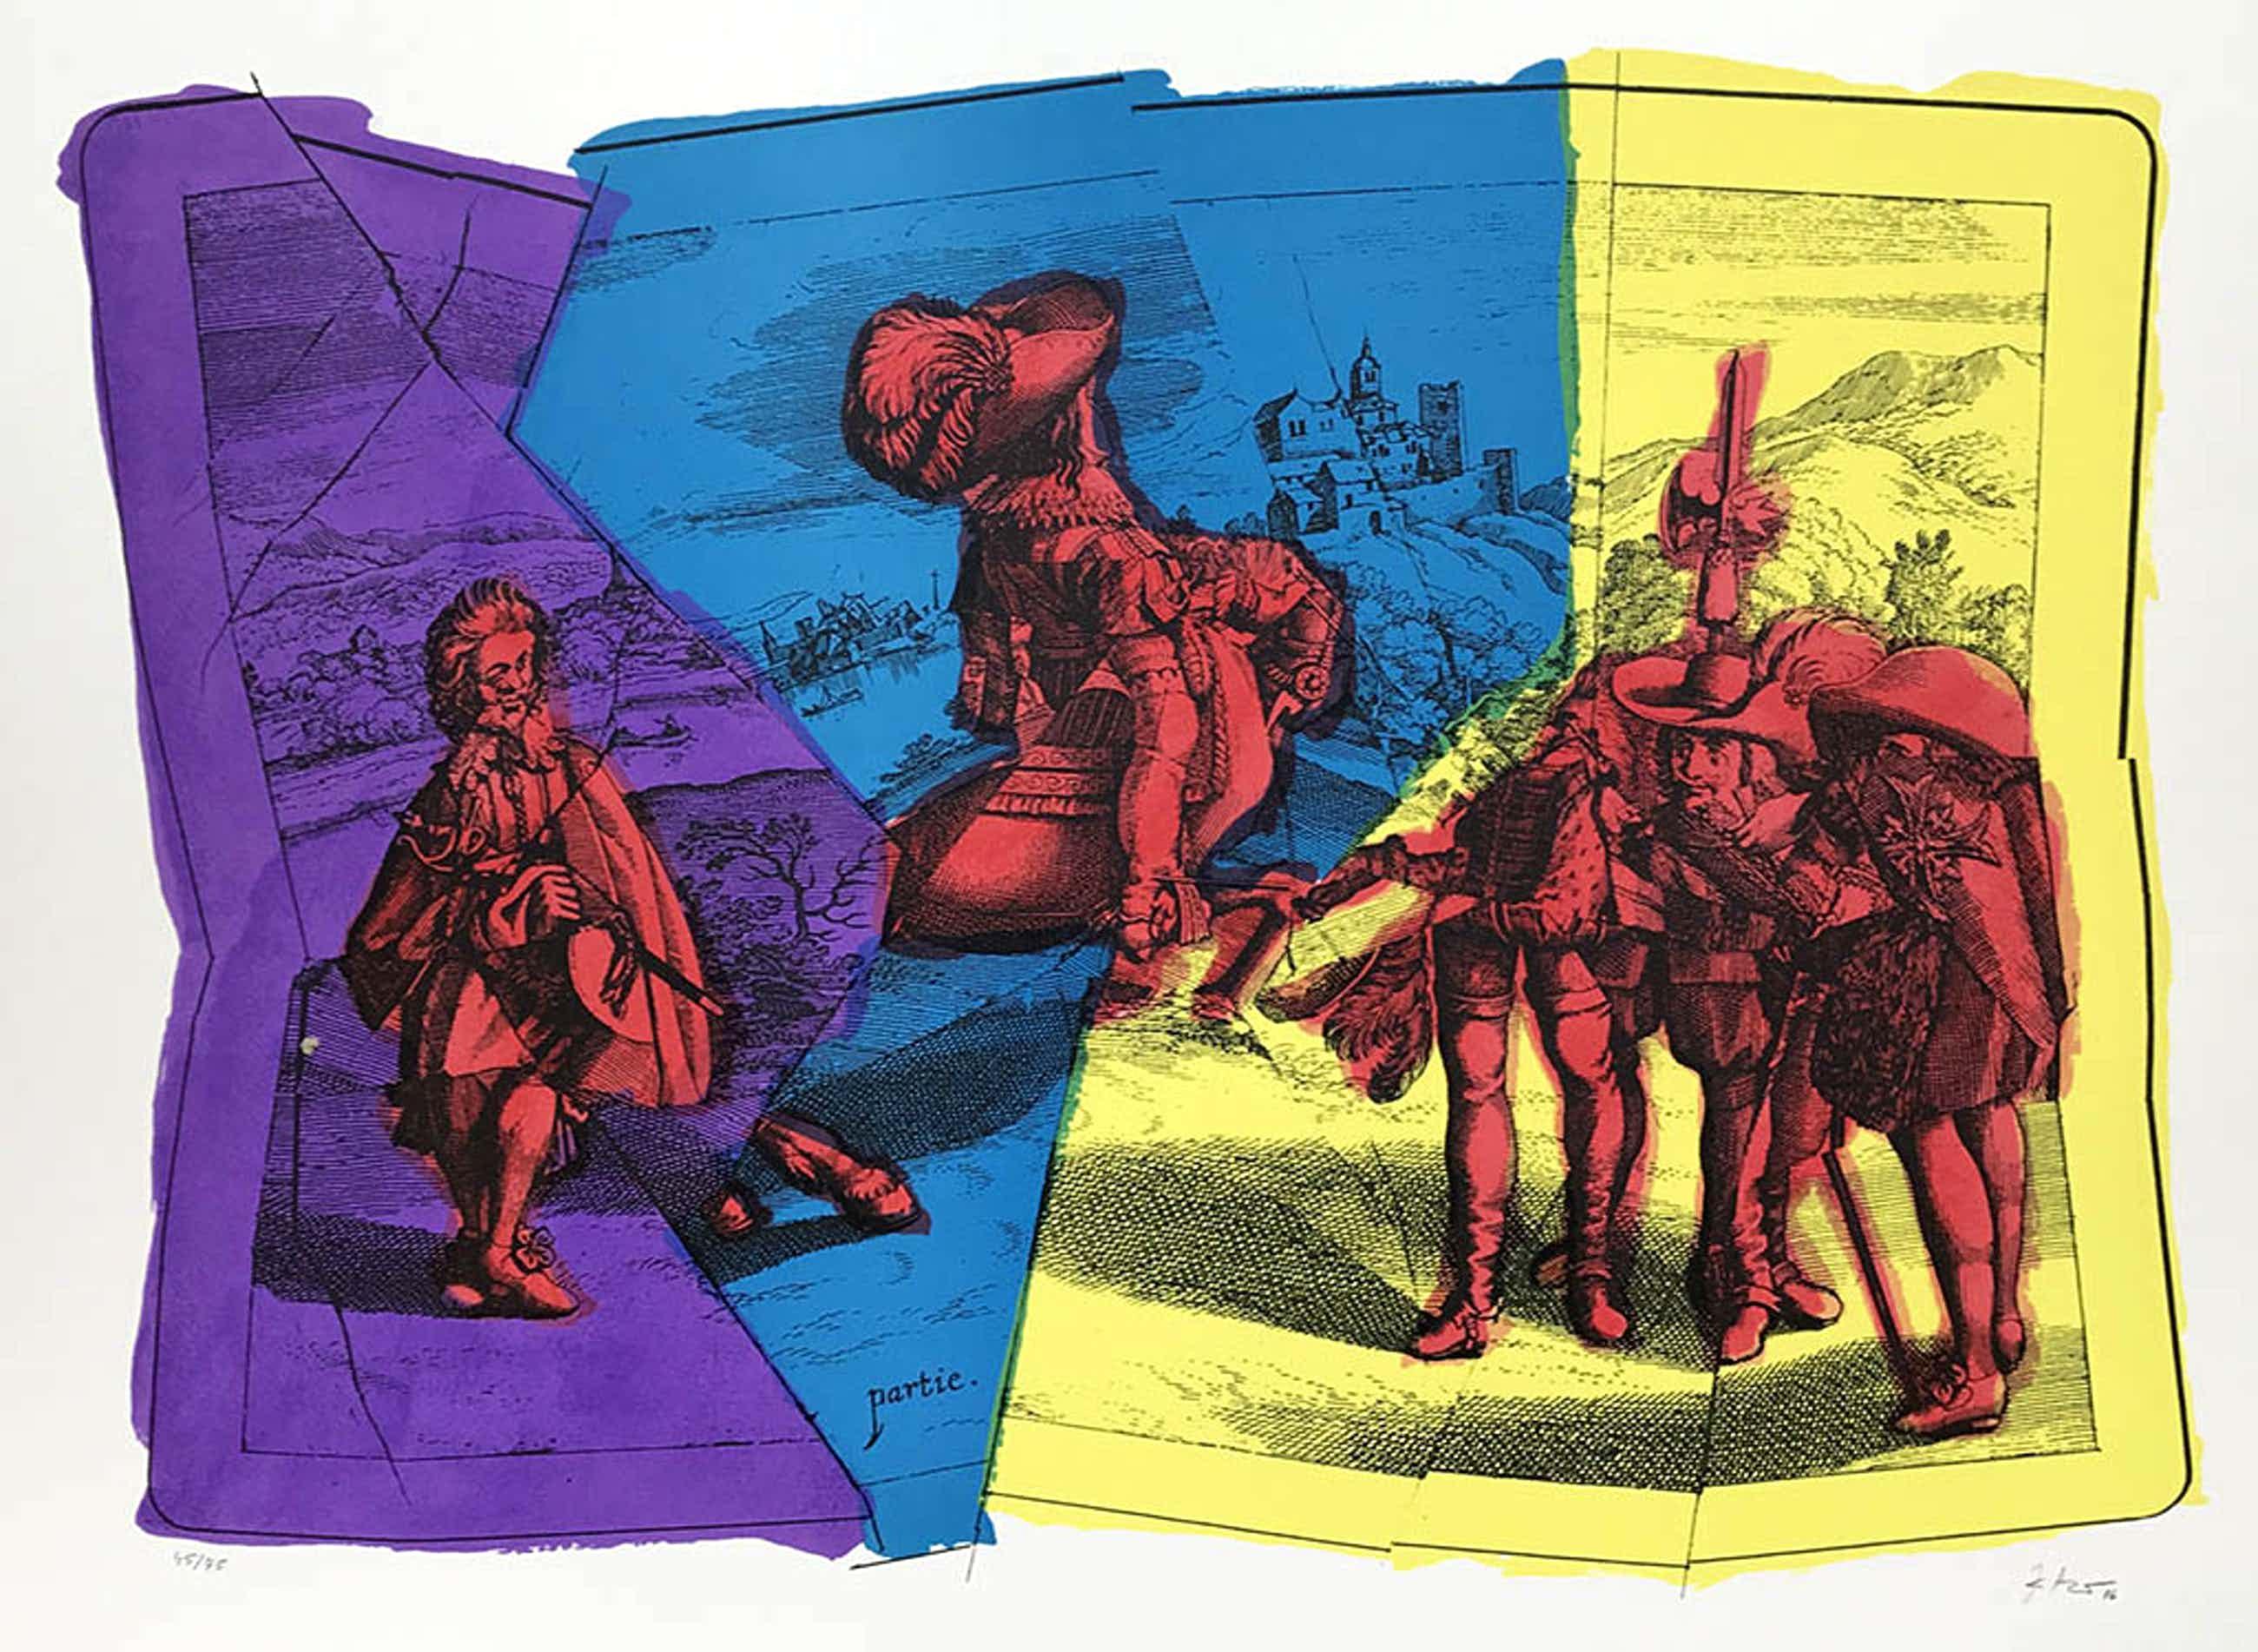 Jiri Kolar - Jirí Kolár - Cavalerie royale - gesigneerde lithografie - oplage 75 - 1986 kopen? Bied vanaf 95!